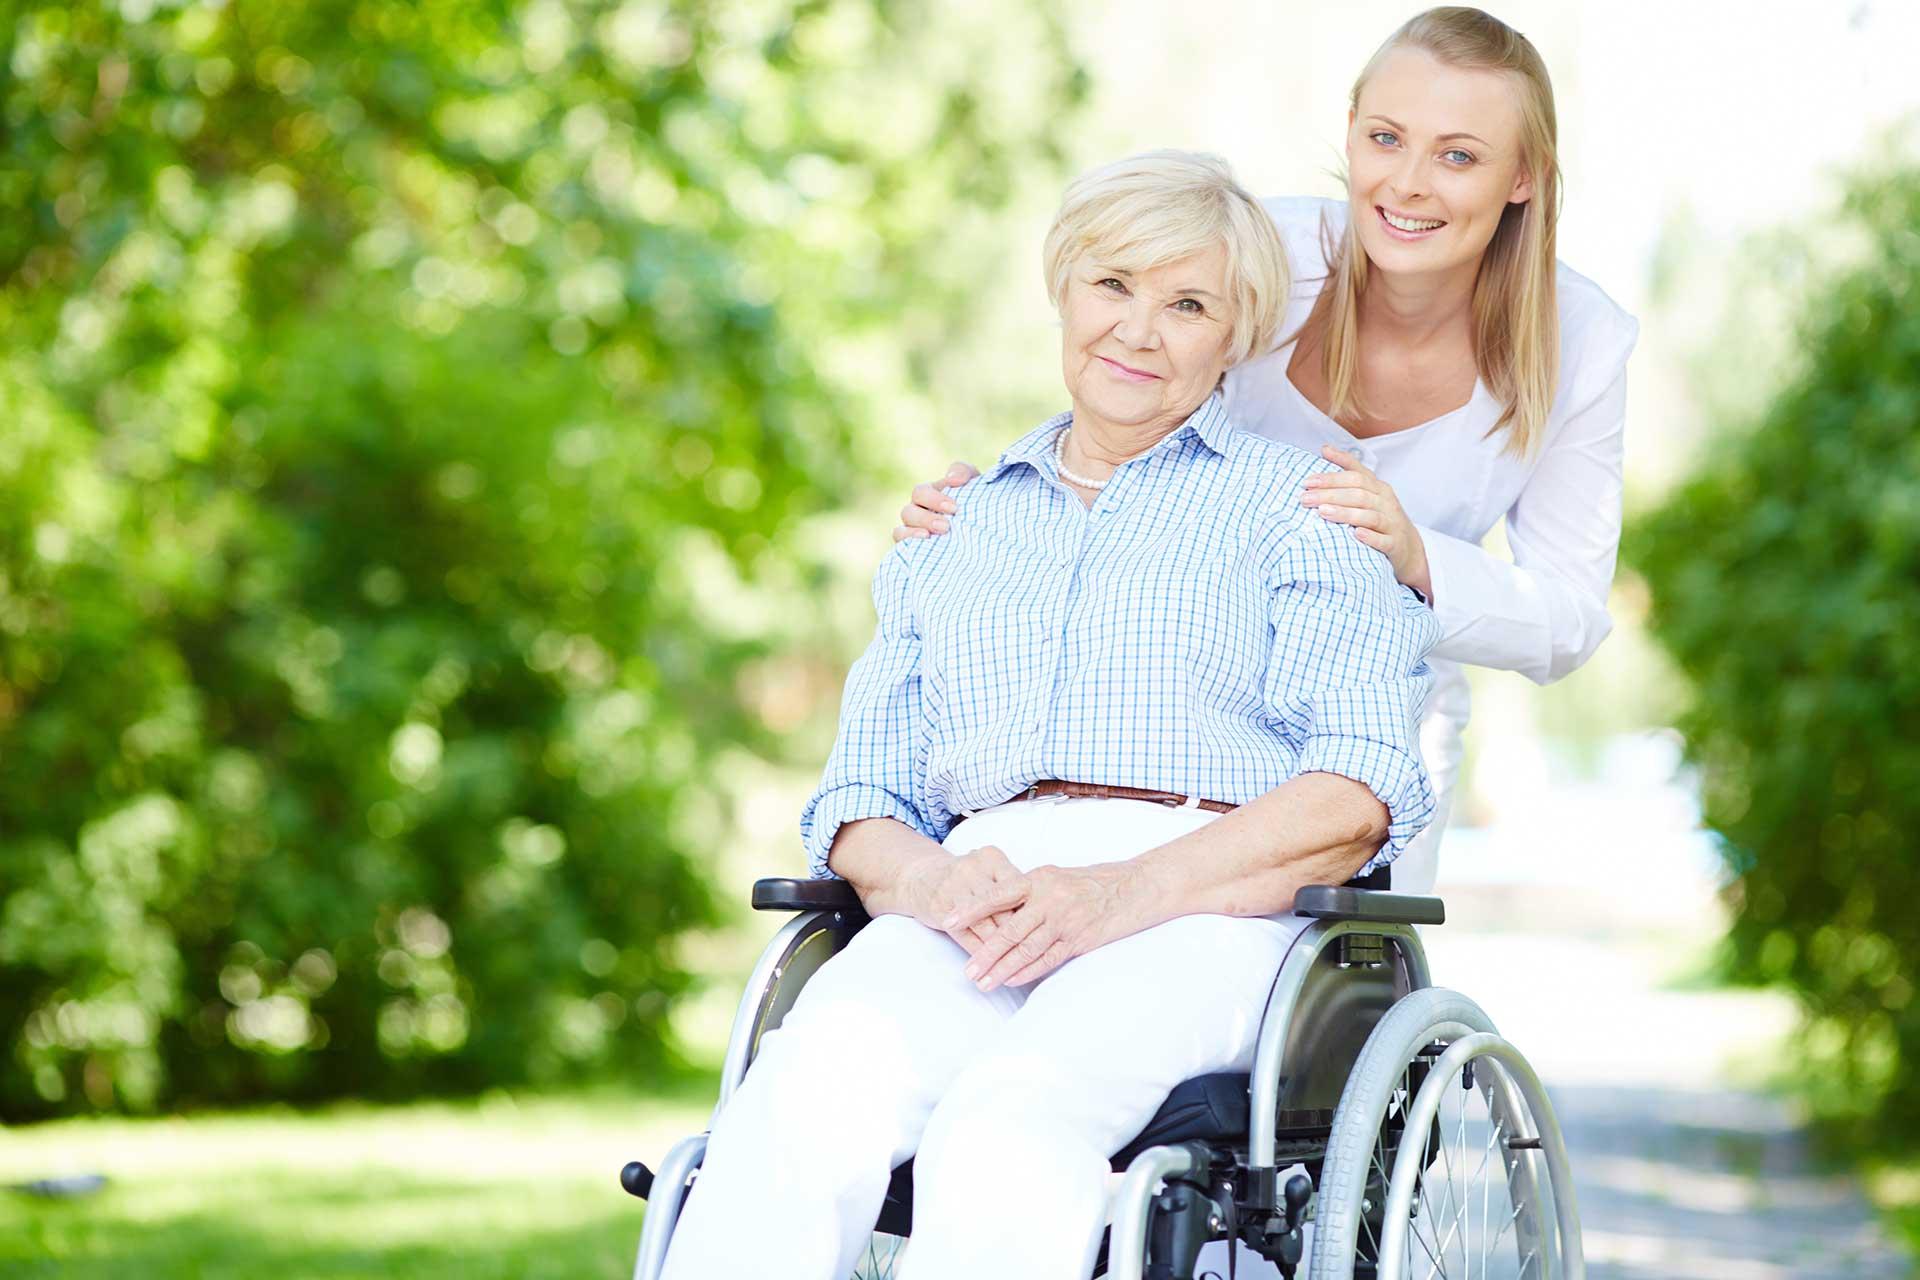 Headerbild ambulanter Pflegedienst mit Fürsorge und Vertrauen